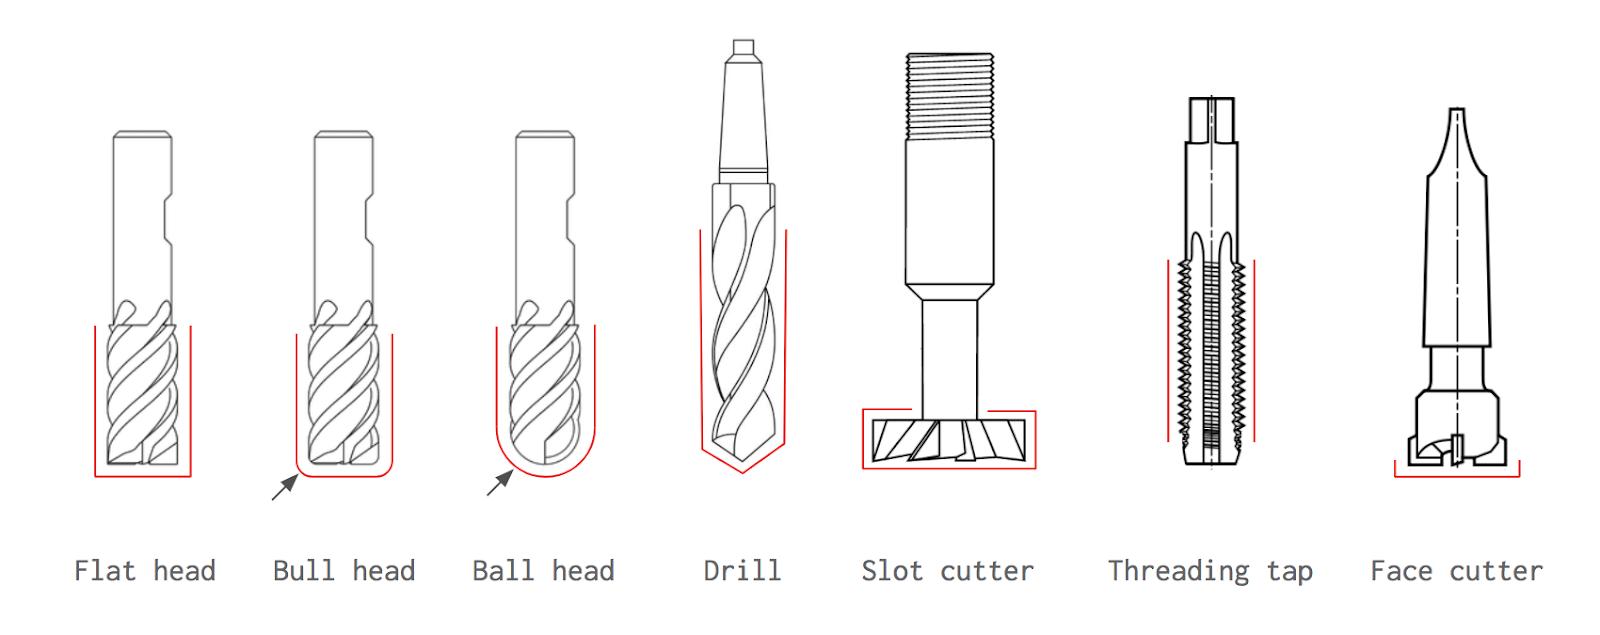 Cách thức hoạt động của máy tiện CNC, phay CNC